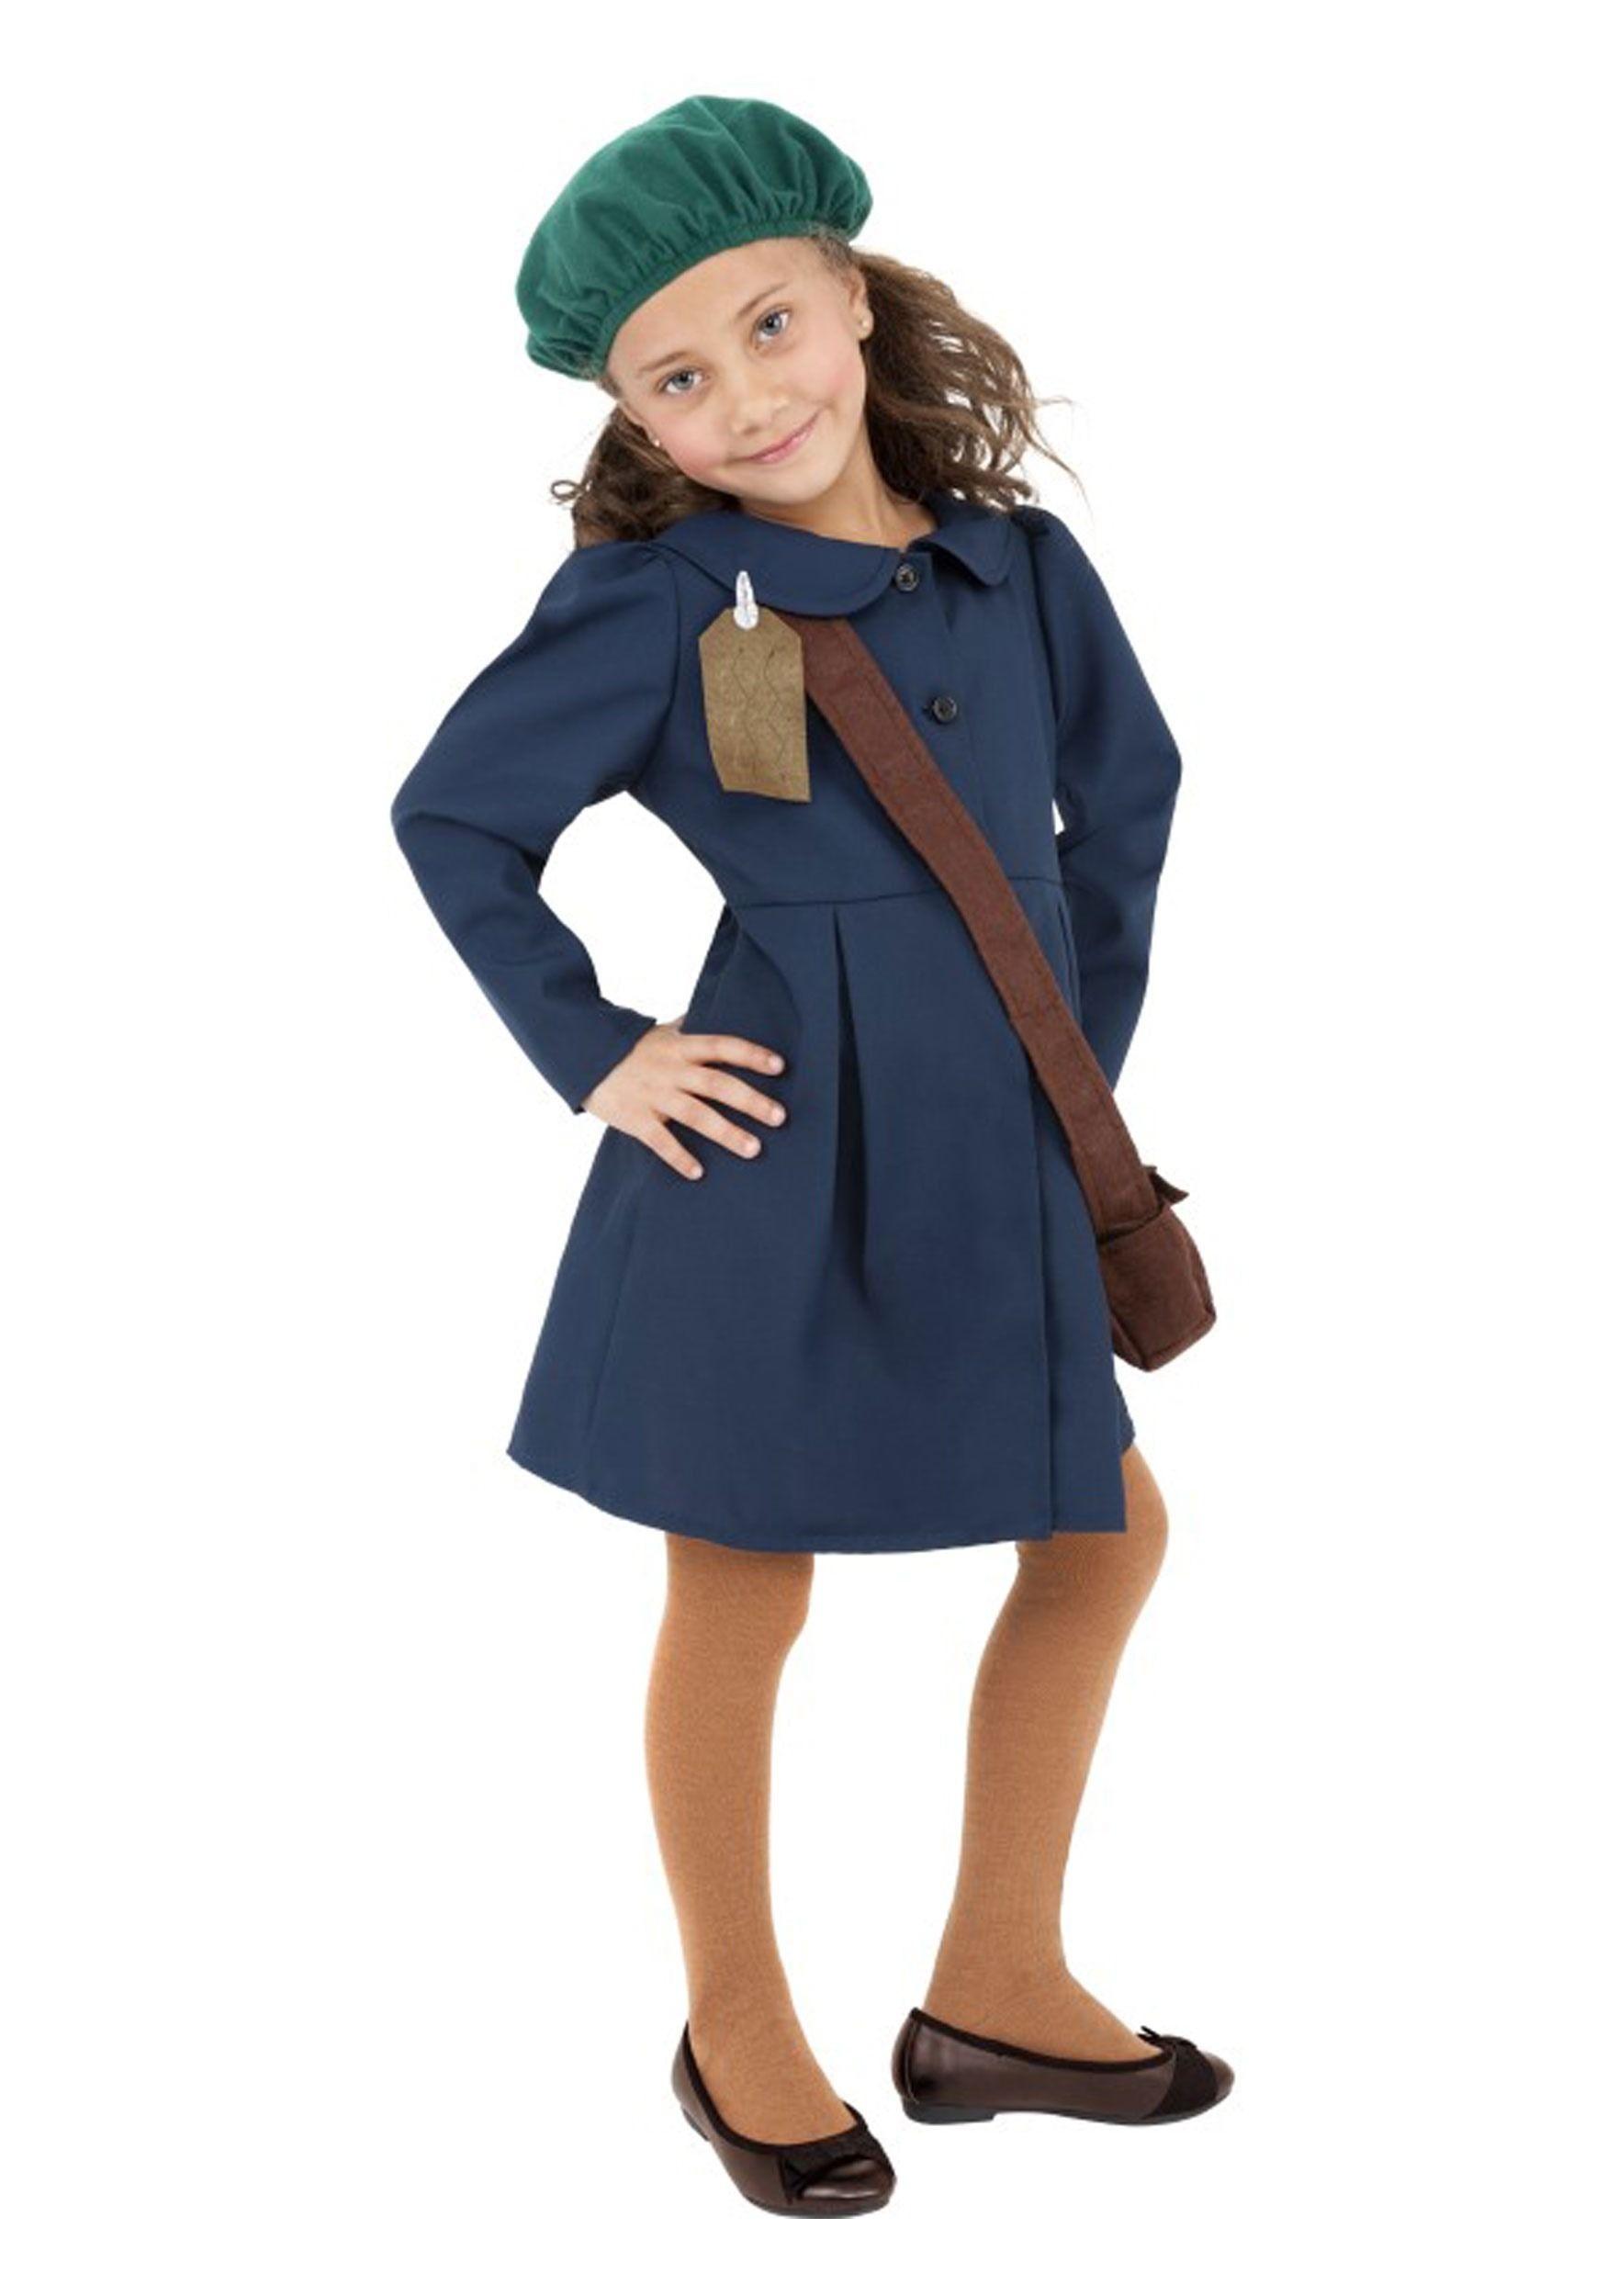 Girls Anne Frank Costume Fancy dress costumes kids